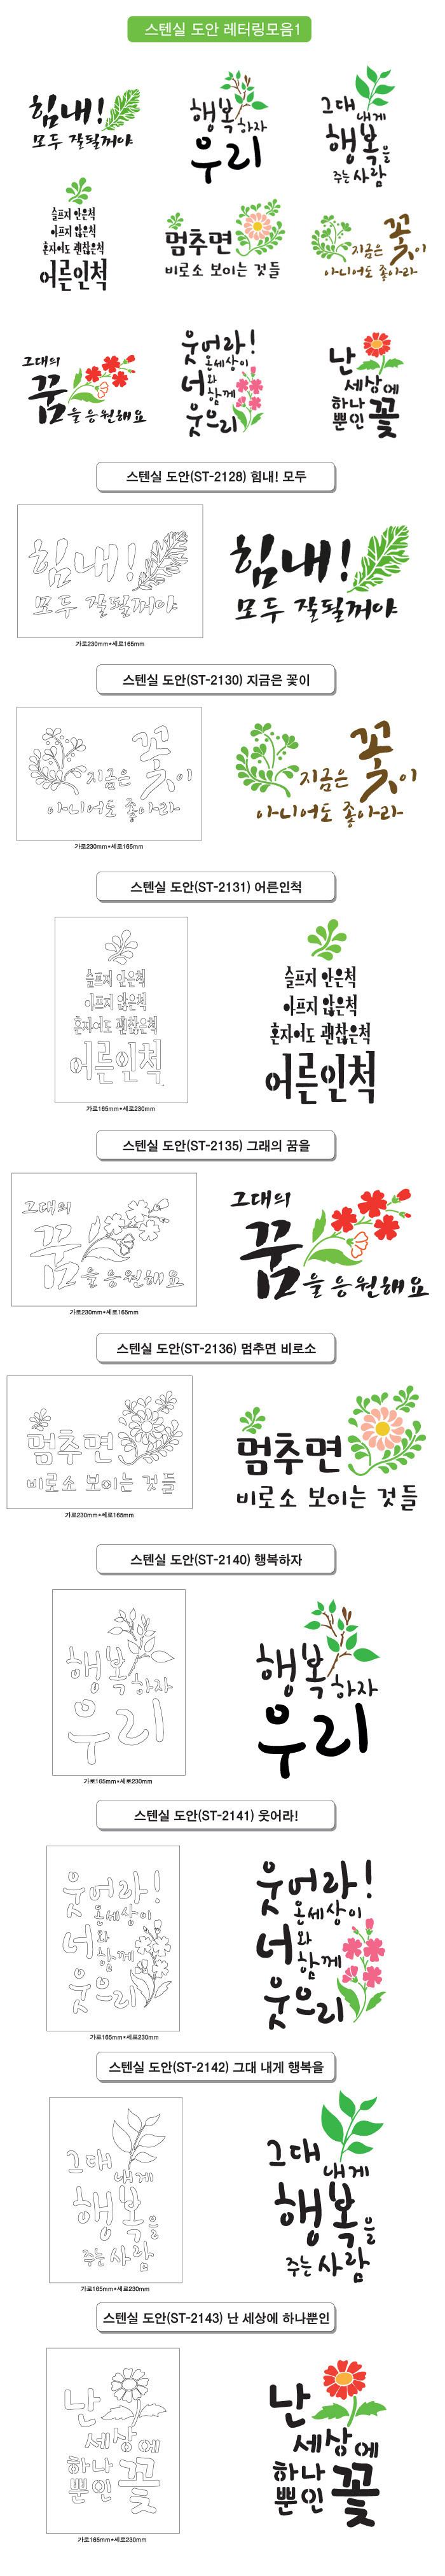 스텐실 도안 레터링 문구 모음1 - 대문닷컴, 3,100원, 스텐실, 스텐실도안